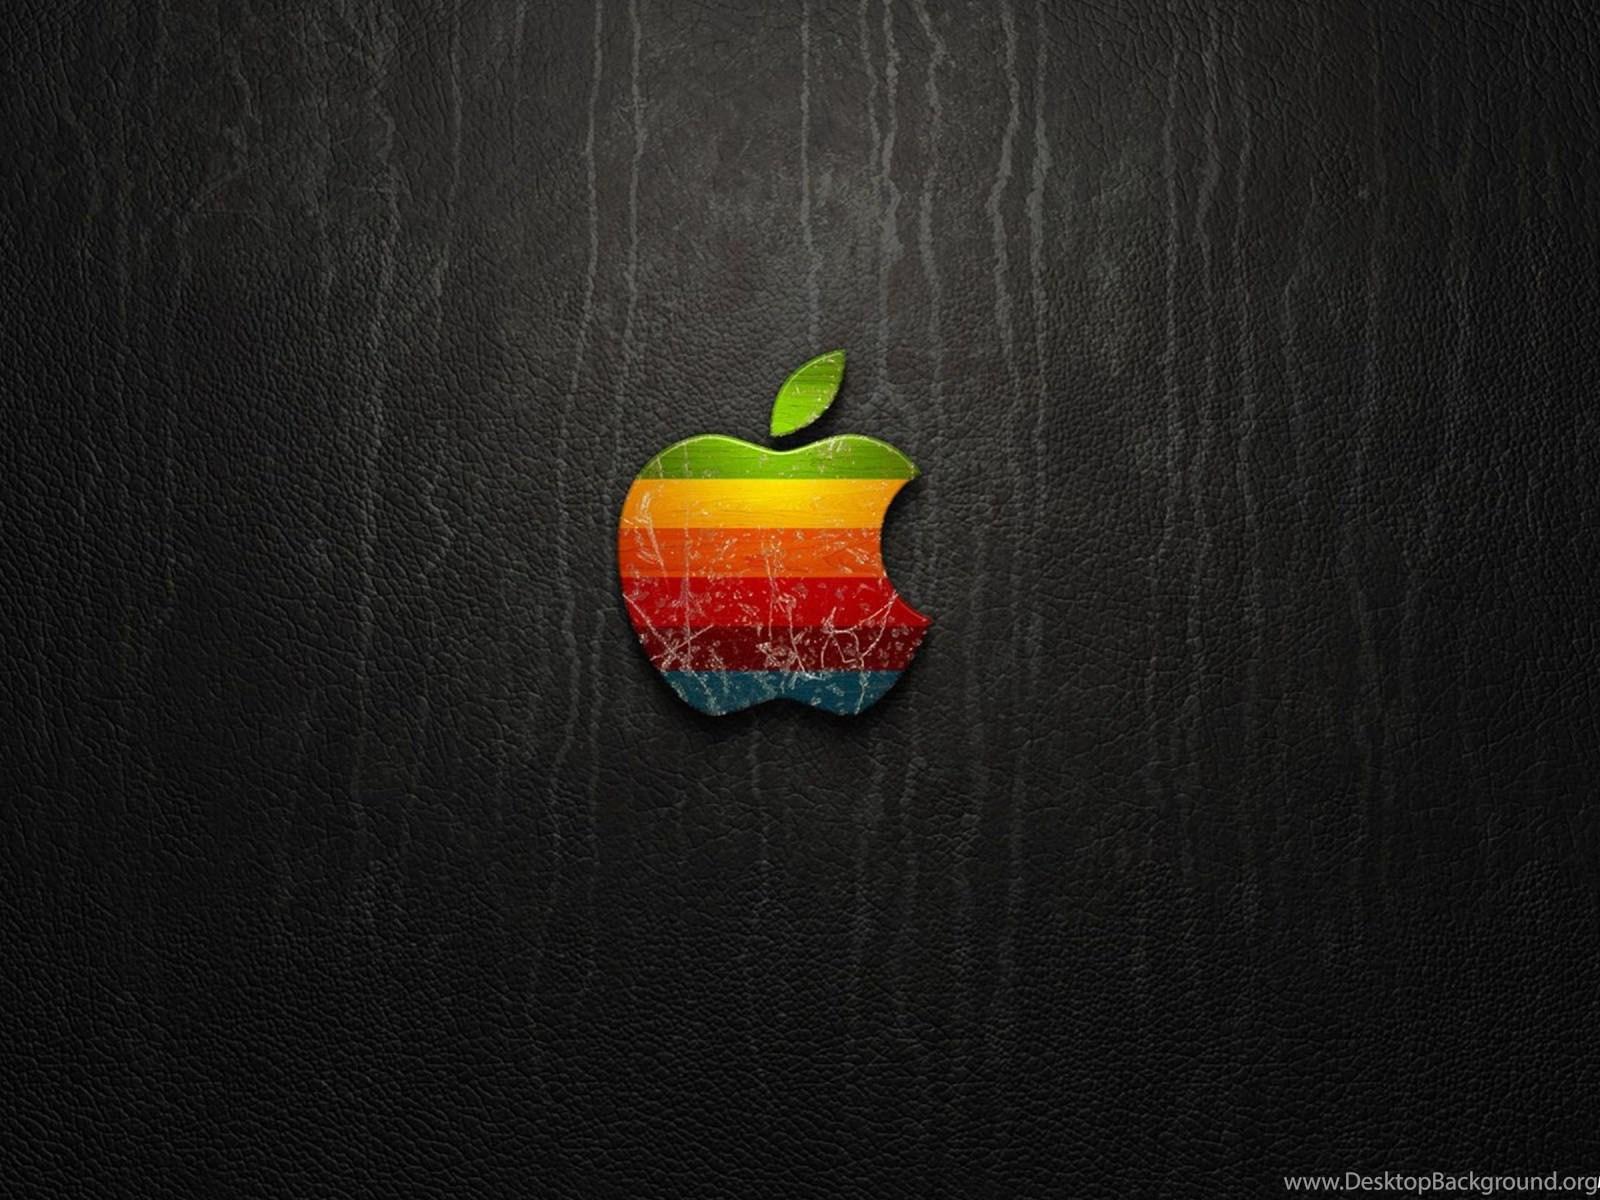 Apple logo wallpapers full hd wallpapers search desktop background fullscreen thecheapjerseys Gallery